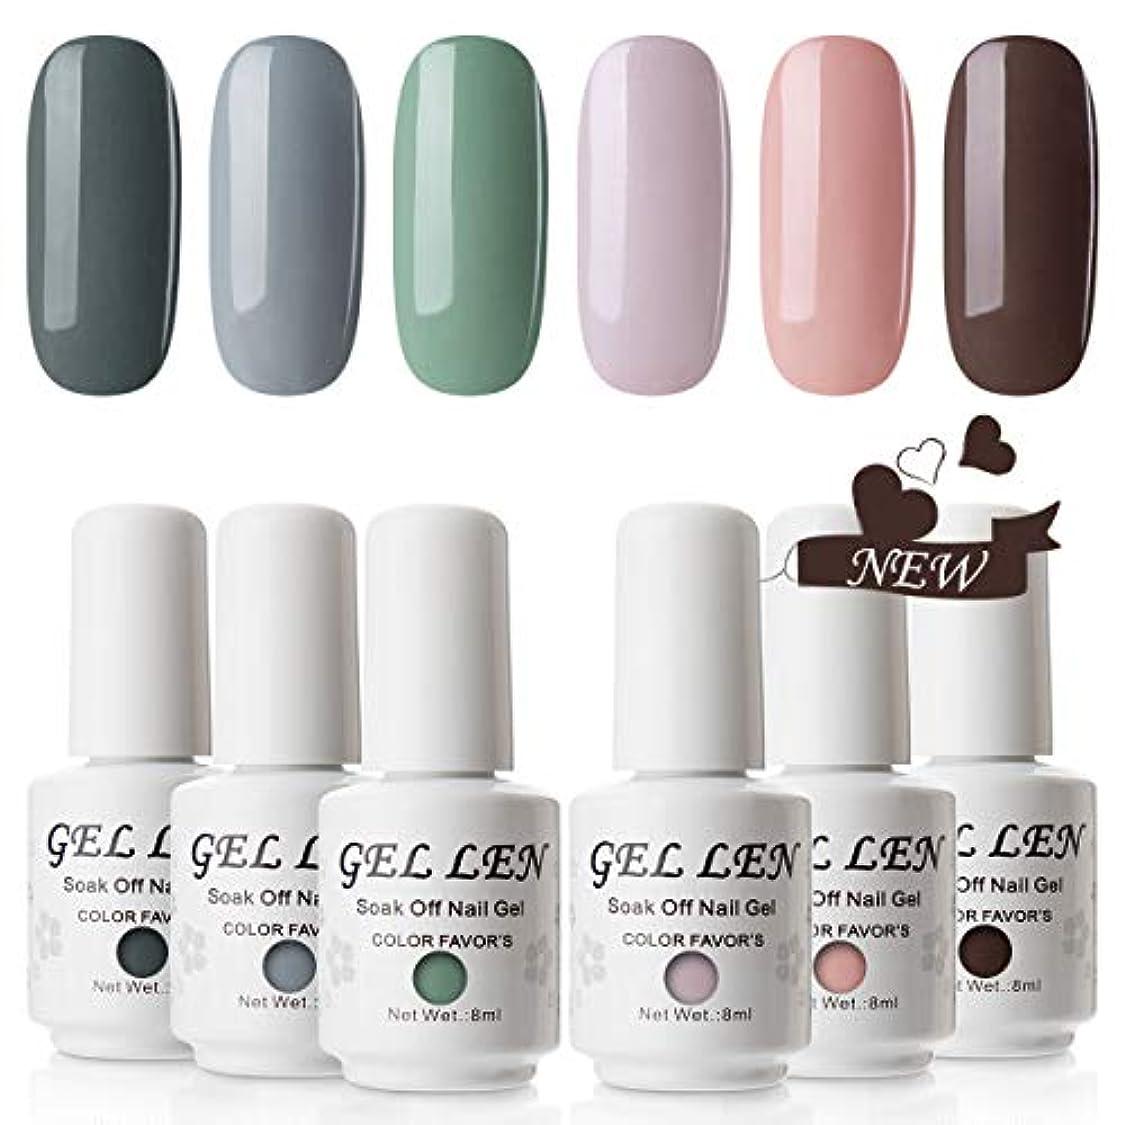 ドック接続等Gellen ジェルネイル カラージェル 厳選6色 UV/LED ラメ 全ての女性に愛されるカラー 8ml くすみカラー 和色